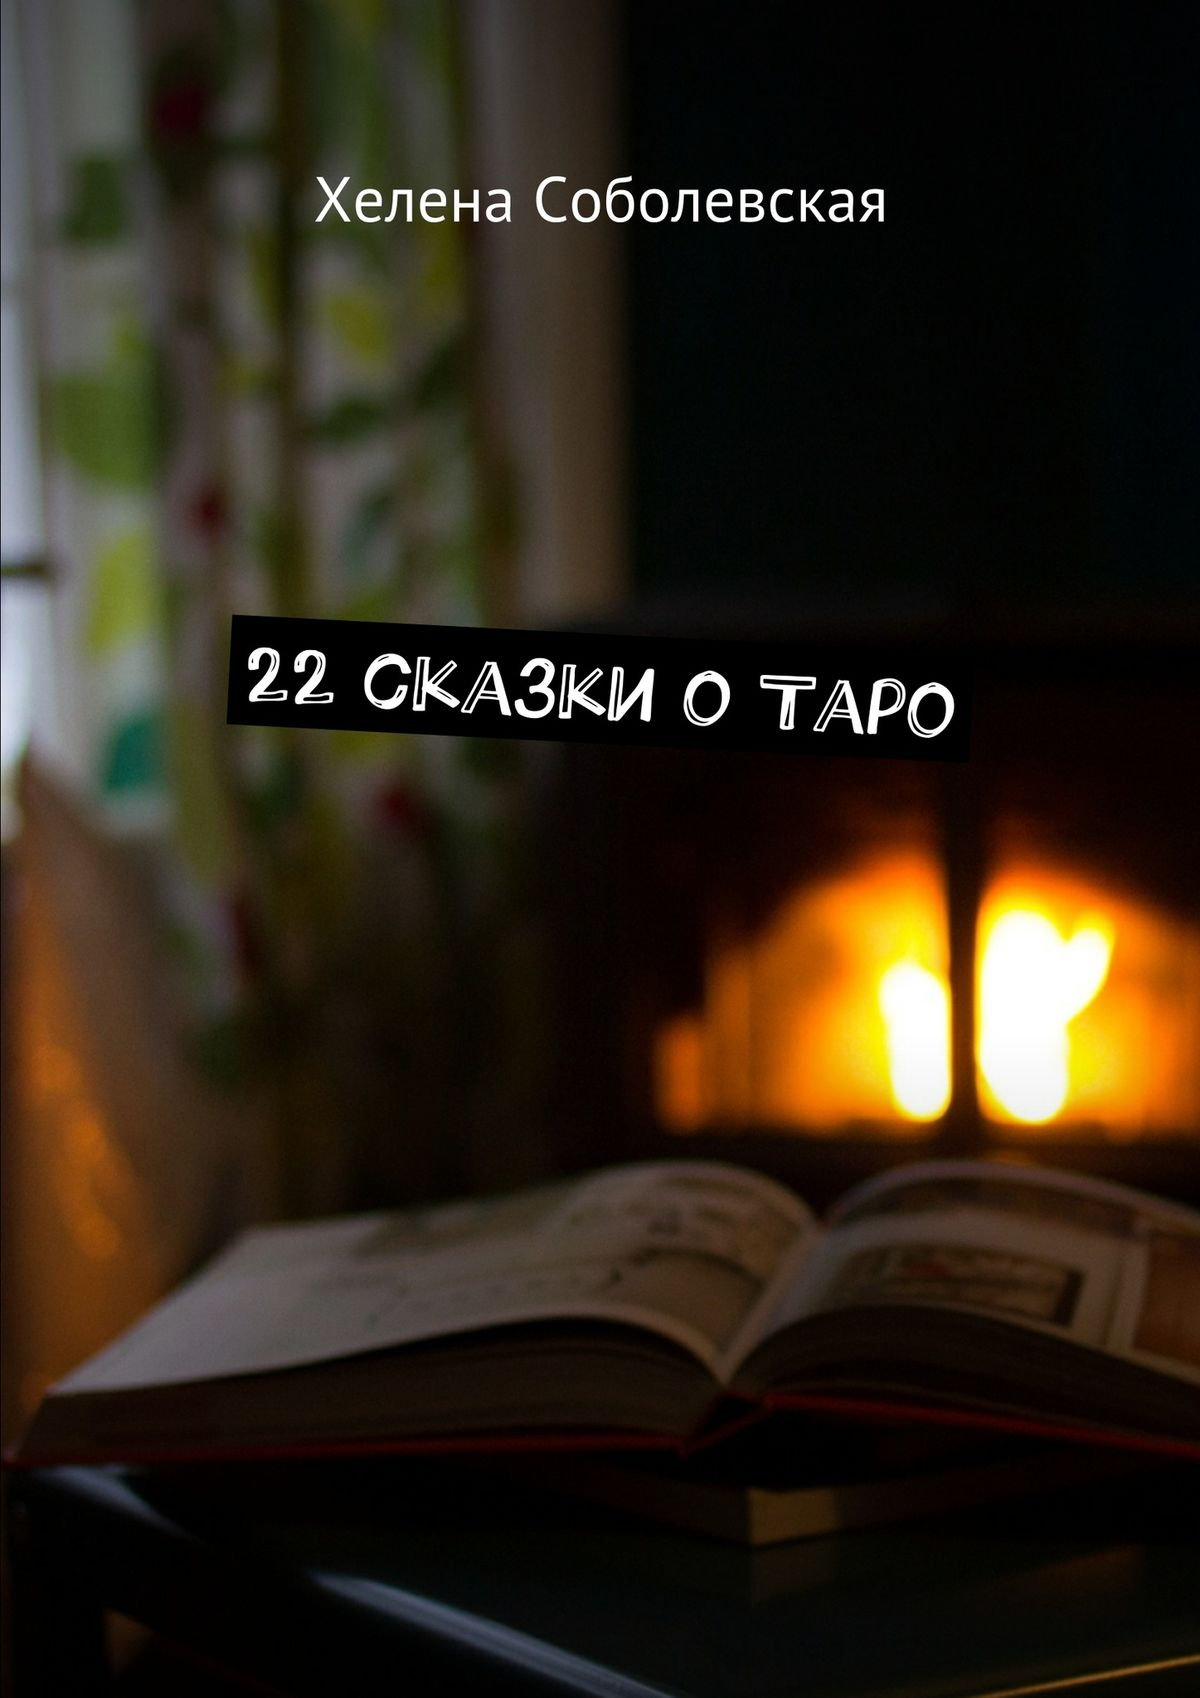 Хелена Соболевская 22сказки оТаро дмитрий невский карты таро старшие арканы первое проникновение